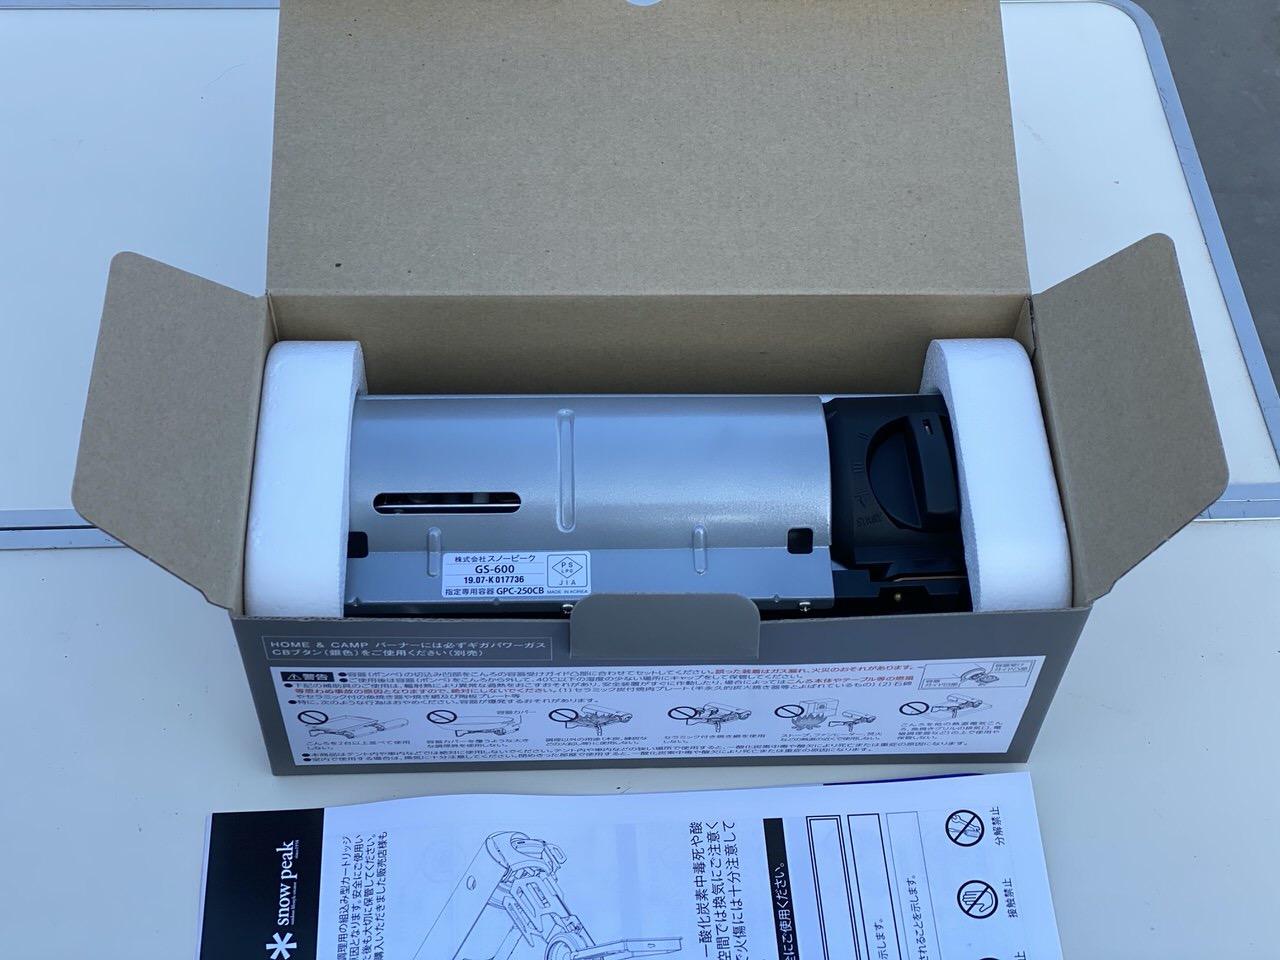 スノーピークのカセットコンロ「HOME&CAMPバーナー(GS-600KH)」2